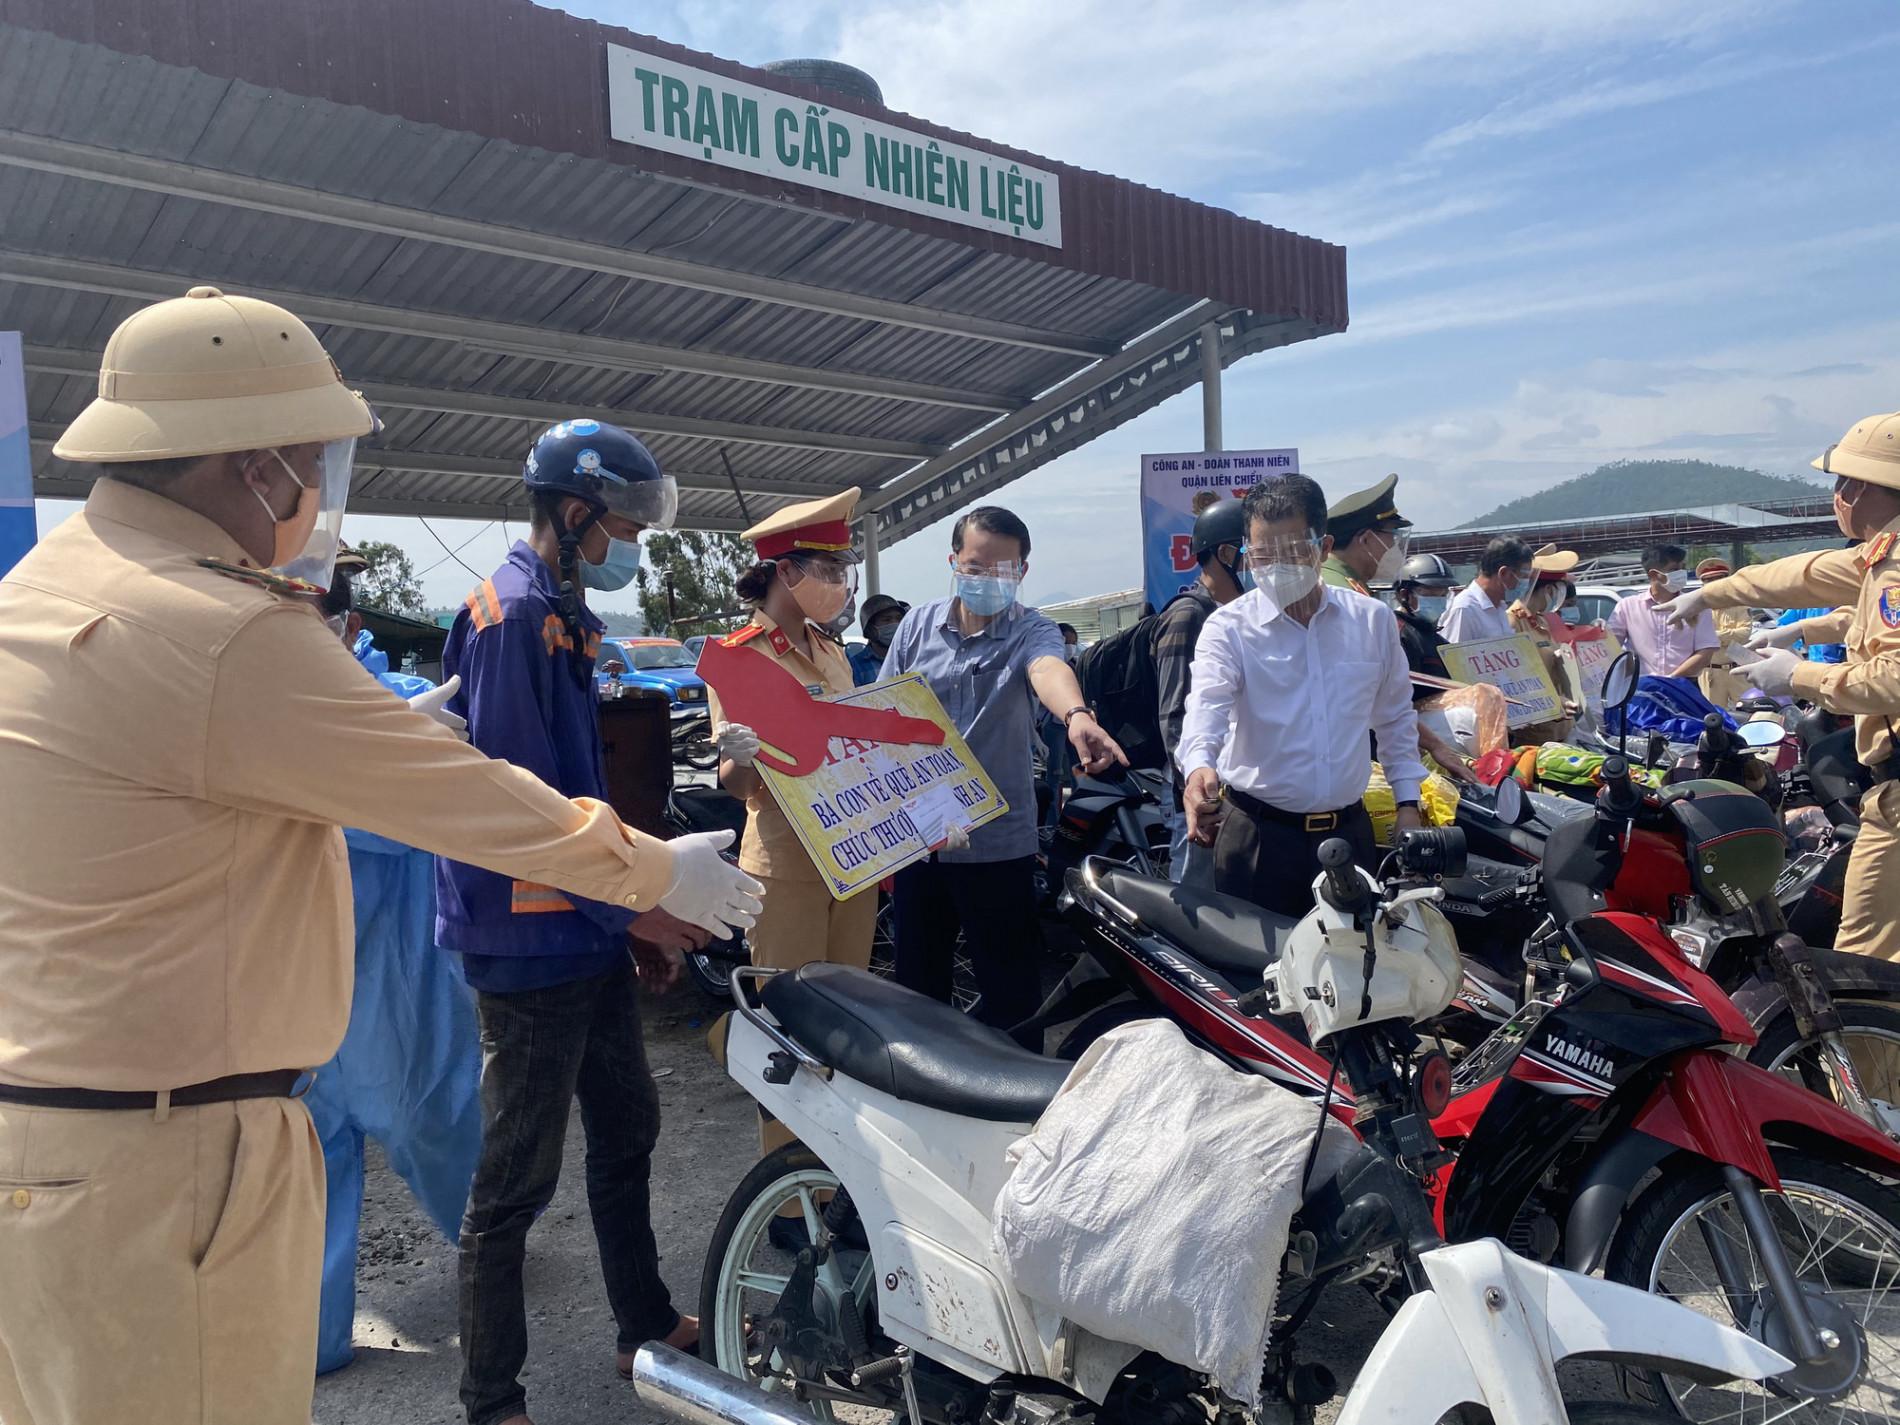 Bí thư Đà Nẵng đến hầm Hải Vân, phát tiền hỗ trợ cho người dân về quê - Ảnh 4.